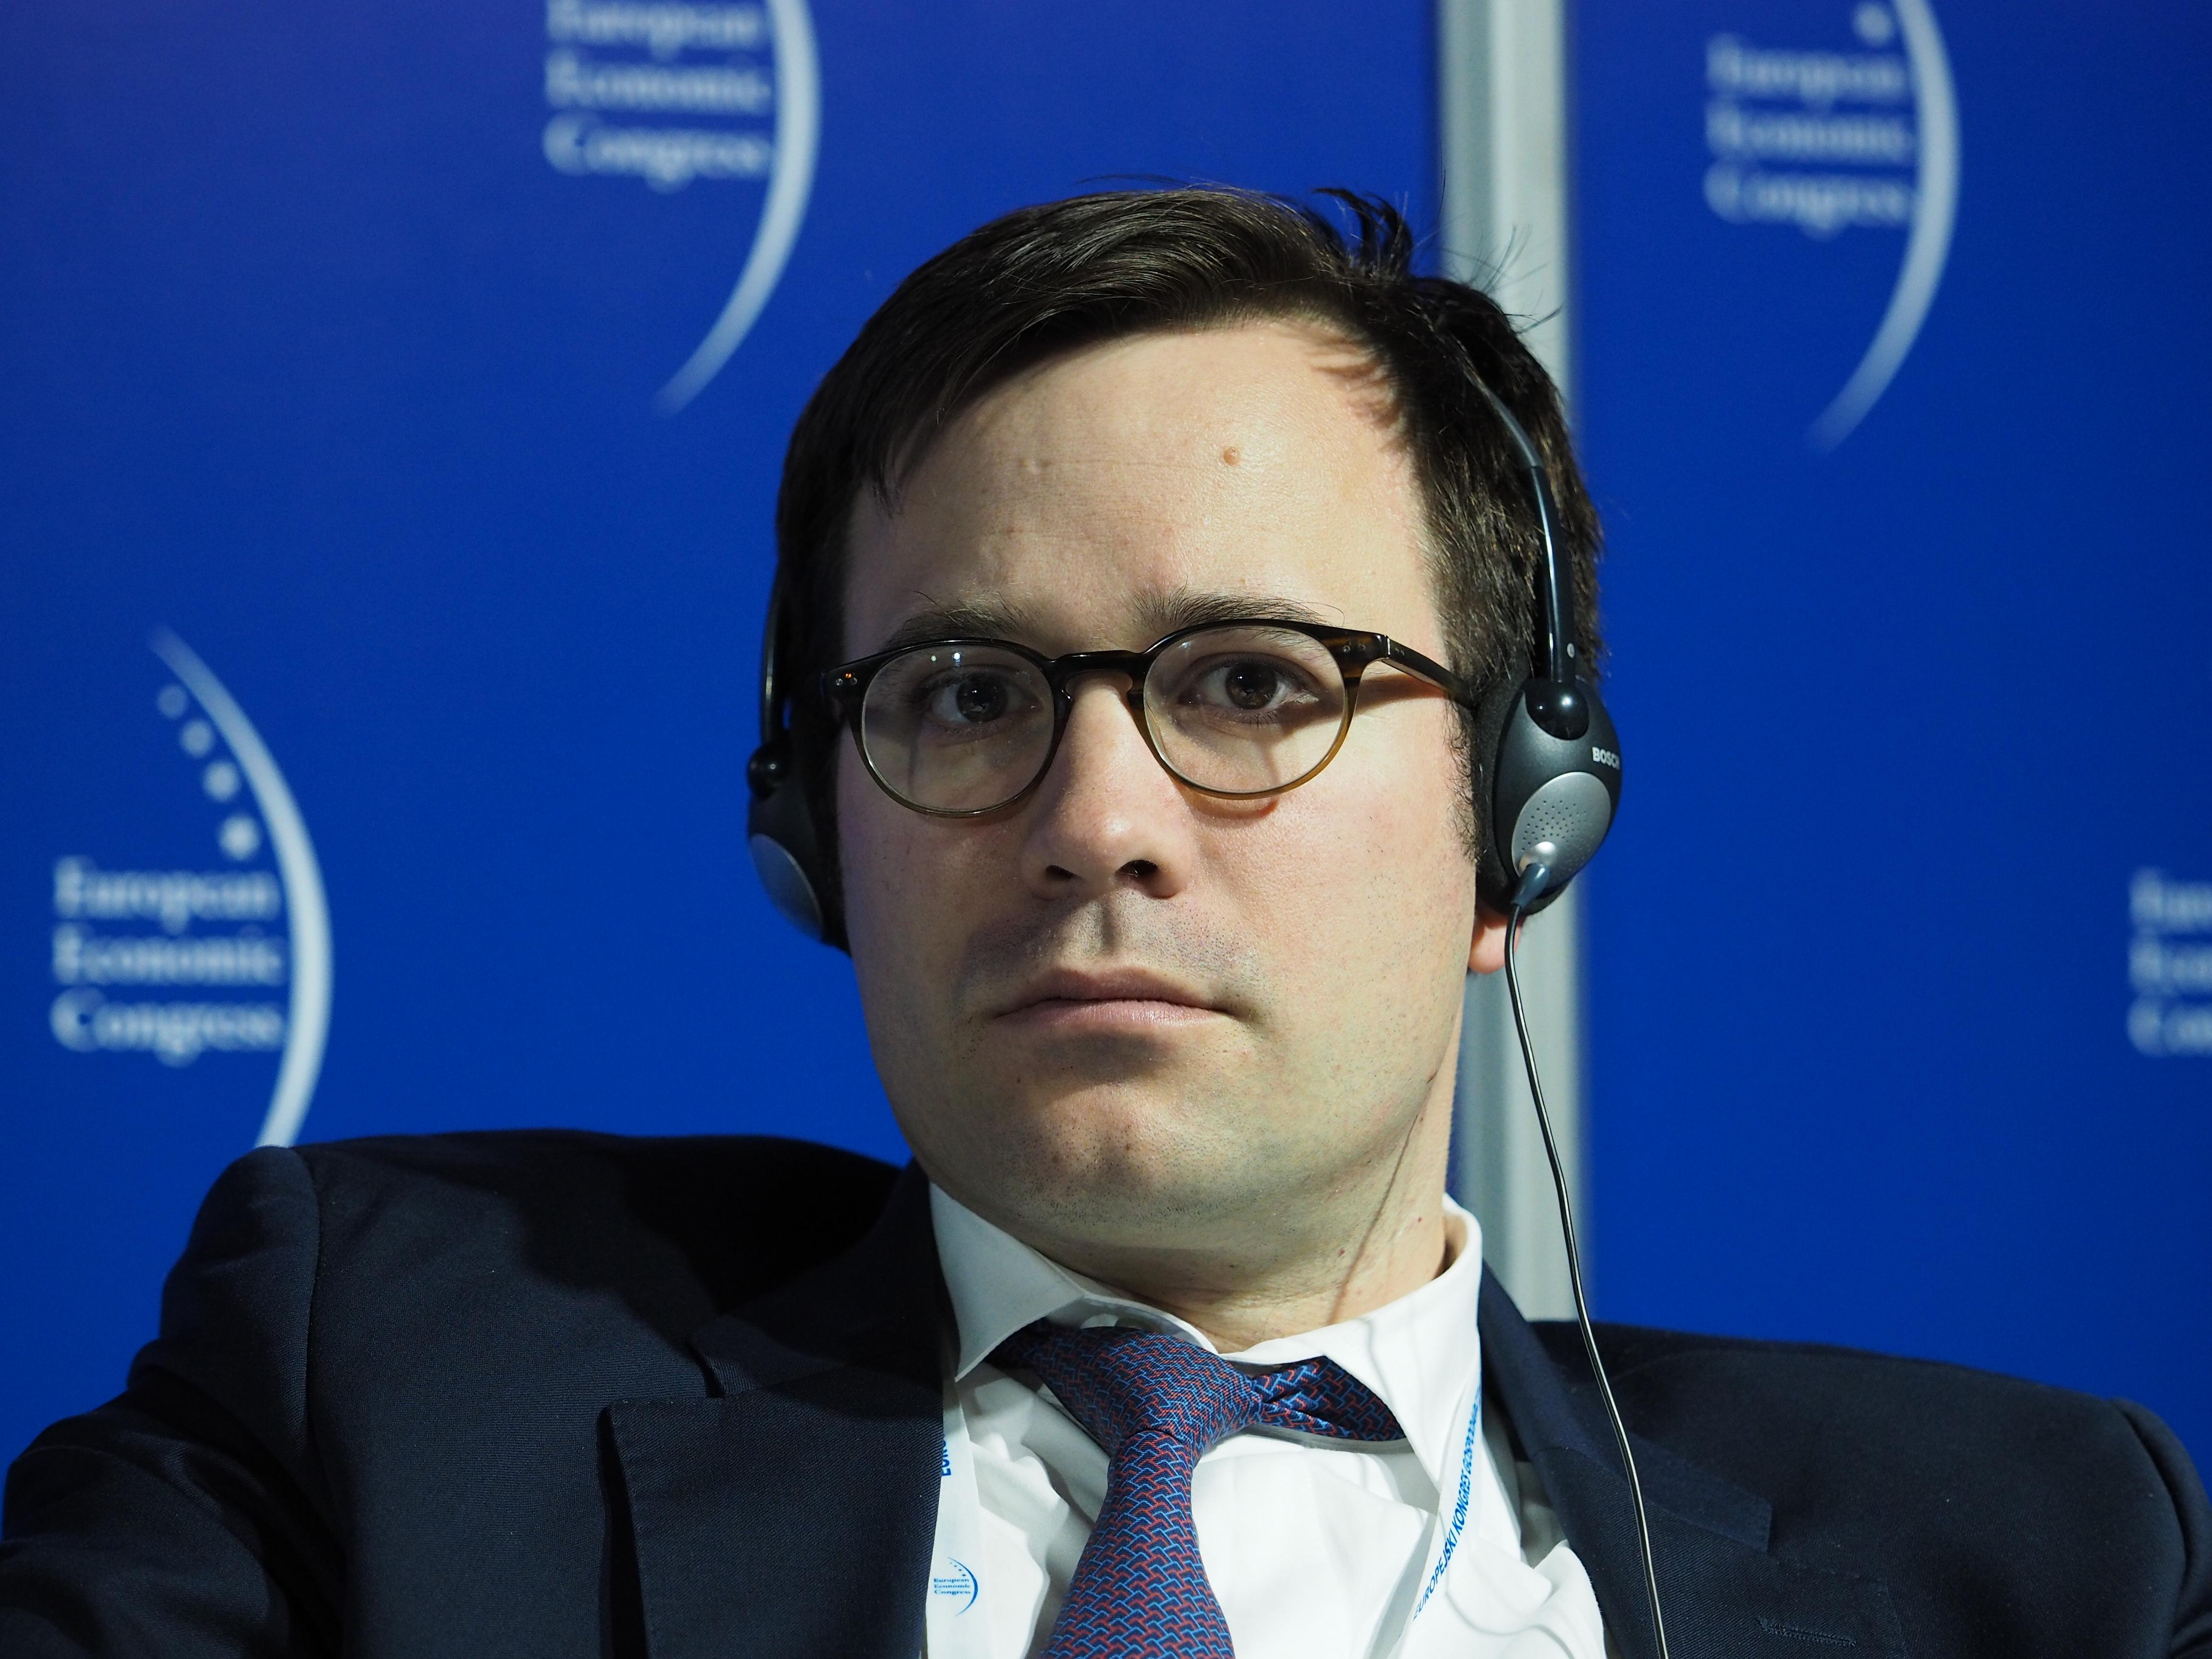 Vincent Metzler, Structured Finance Operations w Europejskim Banku Inwestycyjnym przypomina, że w Polsce ukazał się przetłumaczony poradnik po inwestycjach PPP, przygotowany przez Eurostat i Europejskie Centrum Wiedzy PPP. (fot. PTWP)